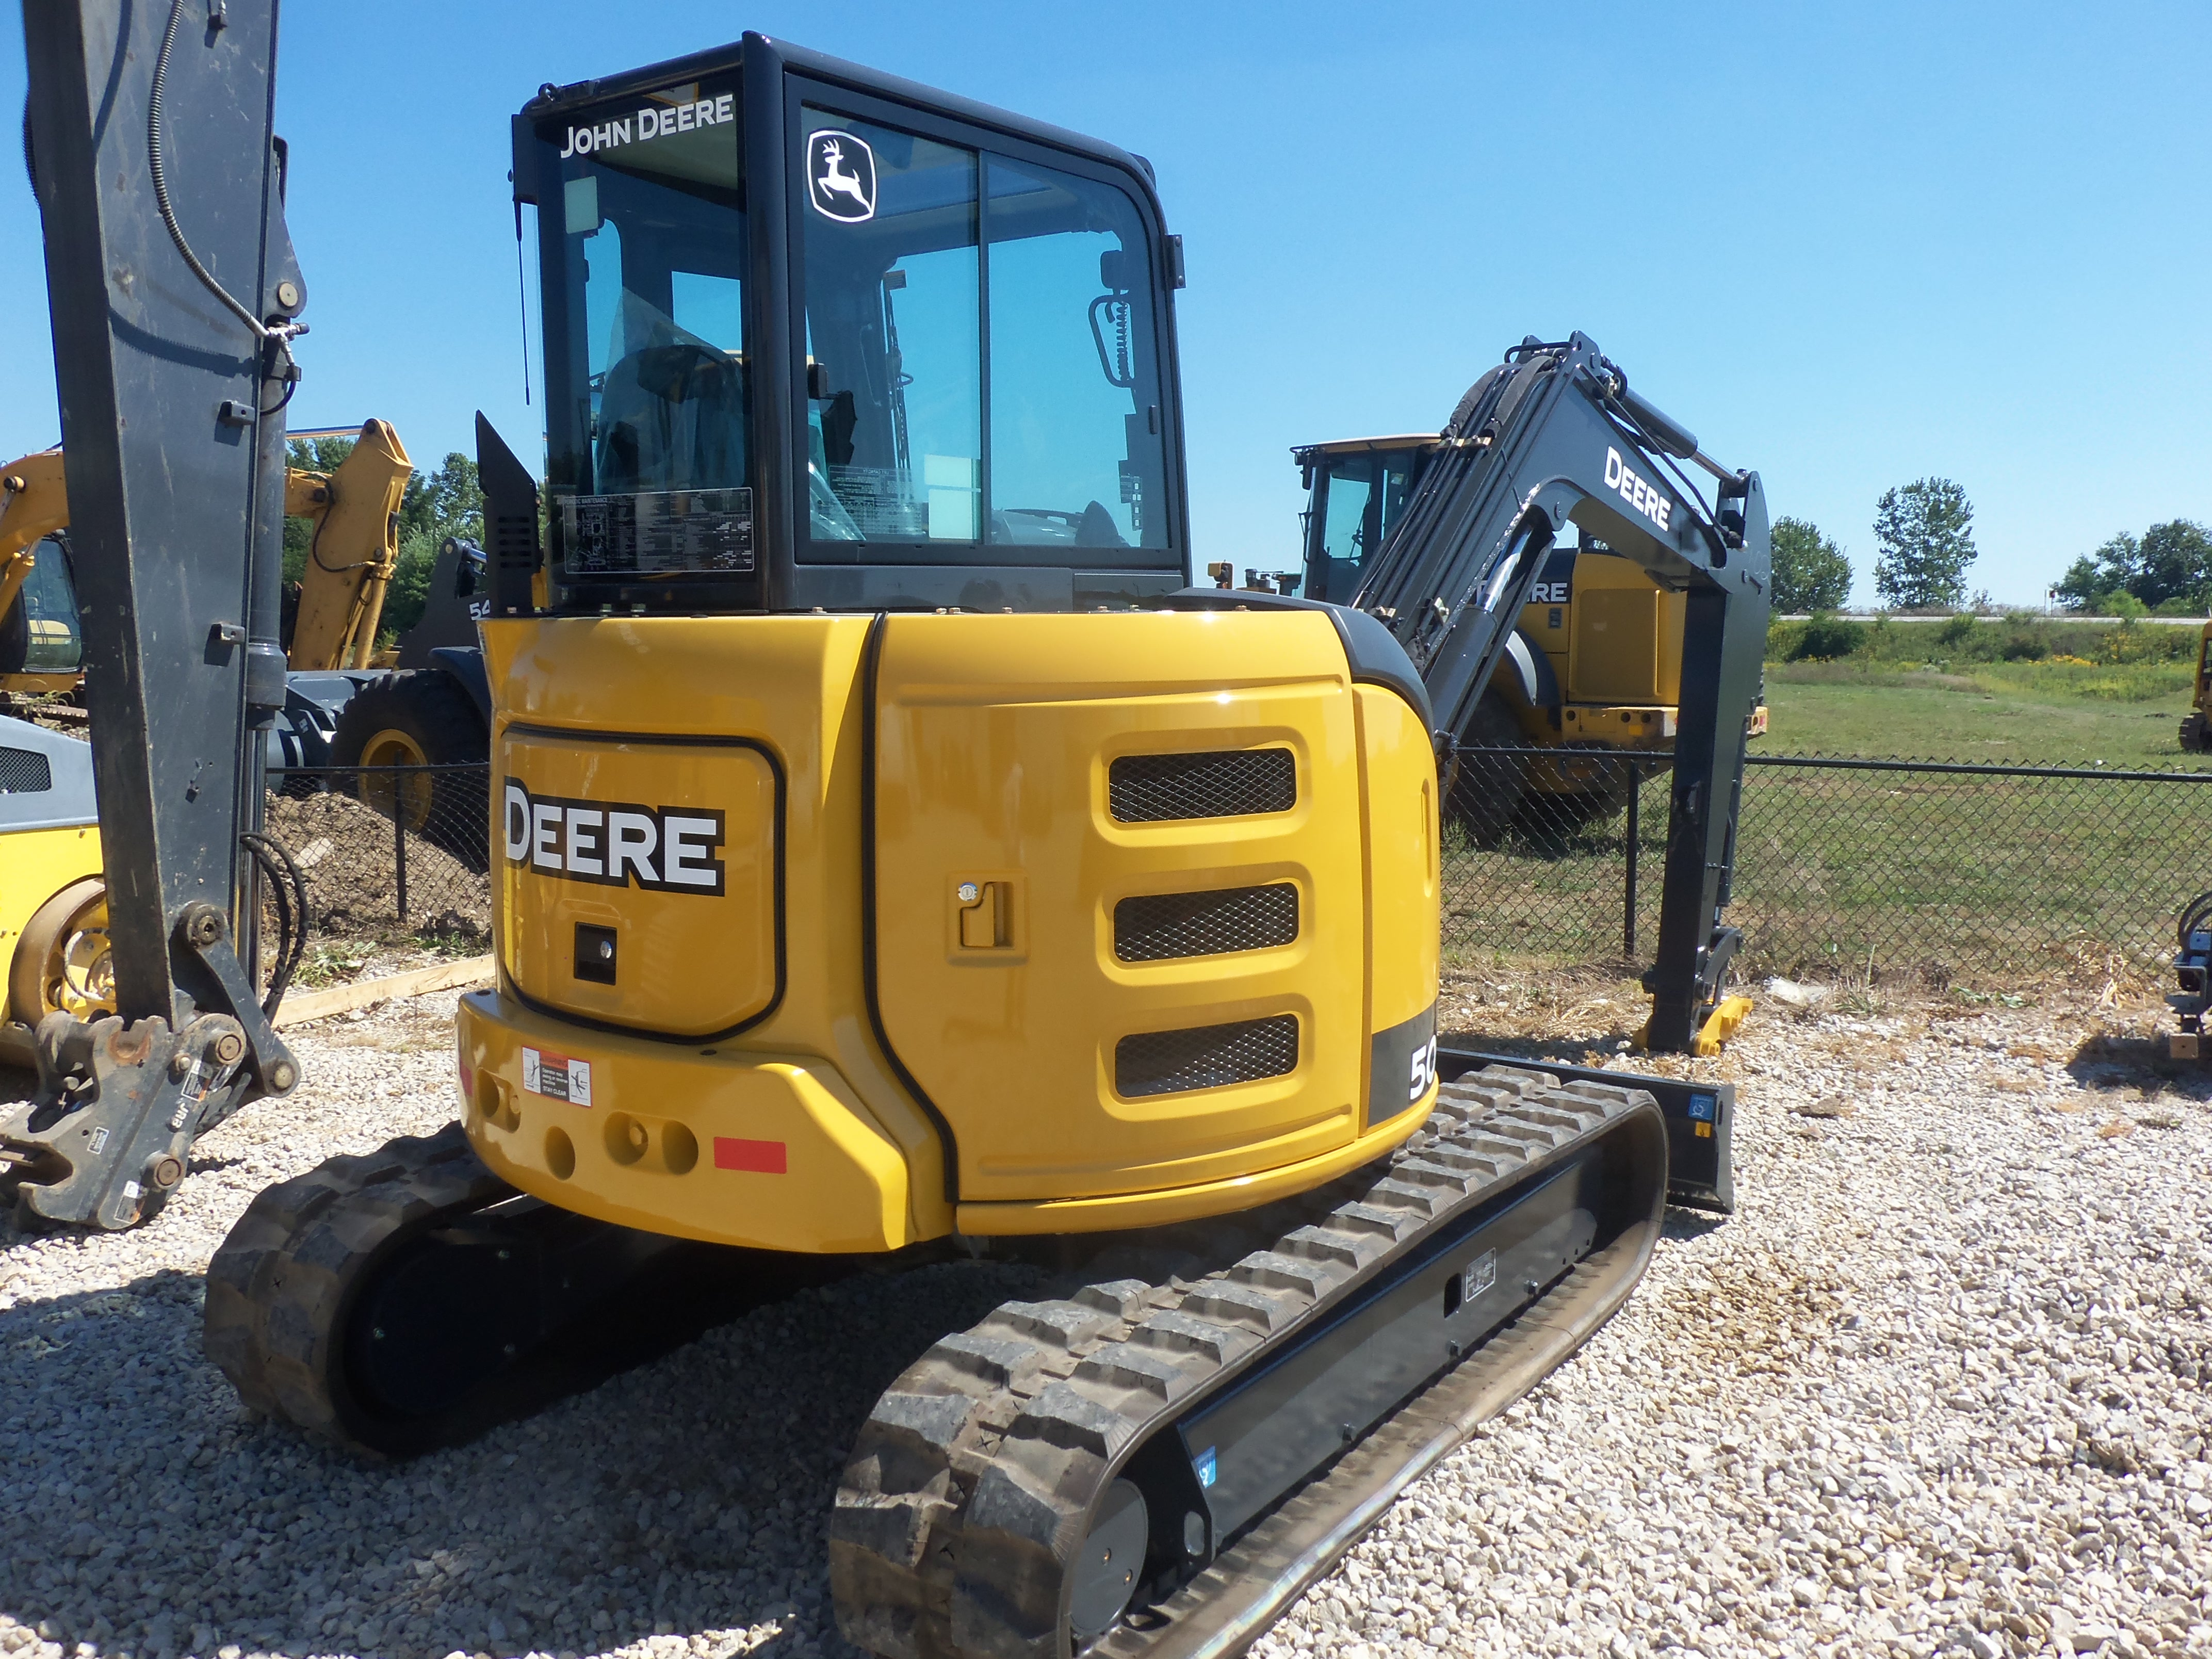 John Deere 50g Compact Excavator | John Deere Excavators: John Deere